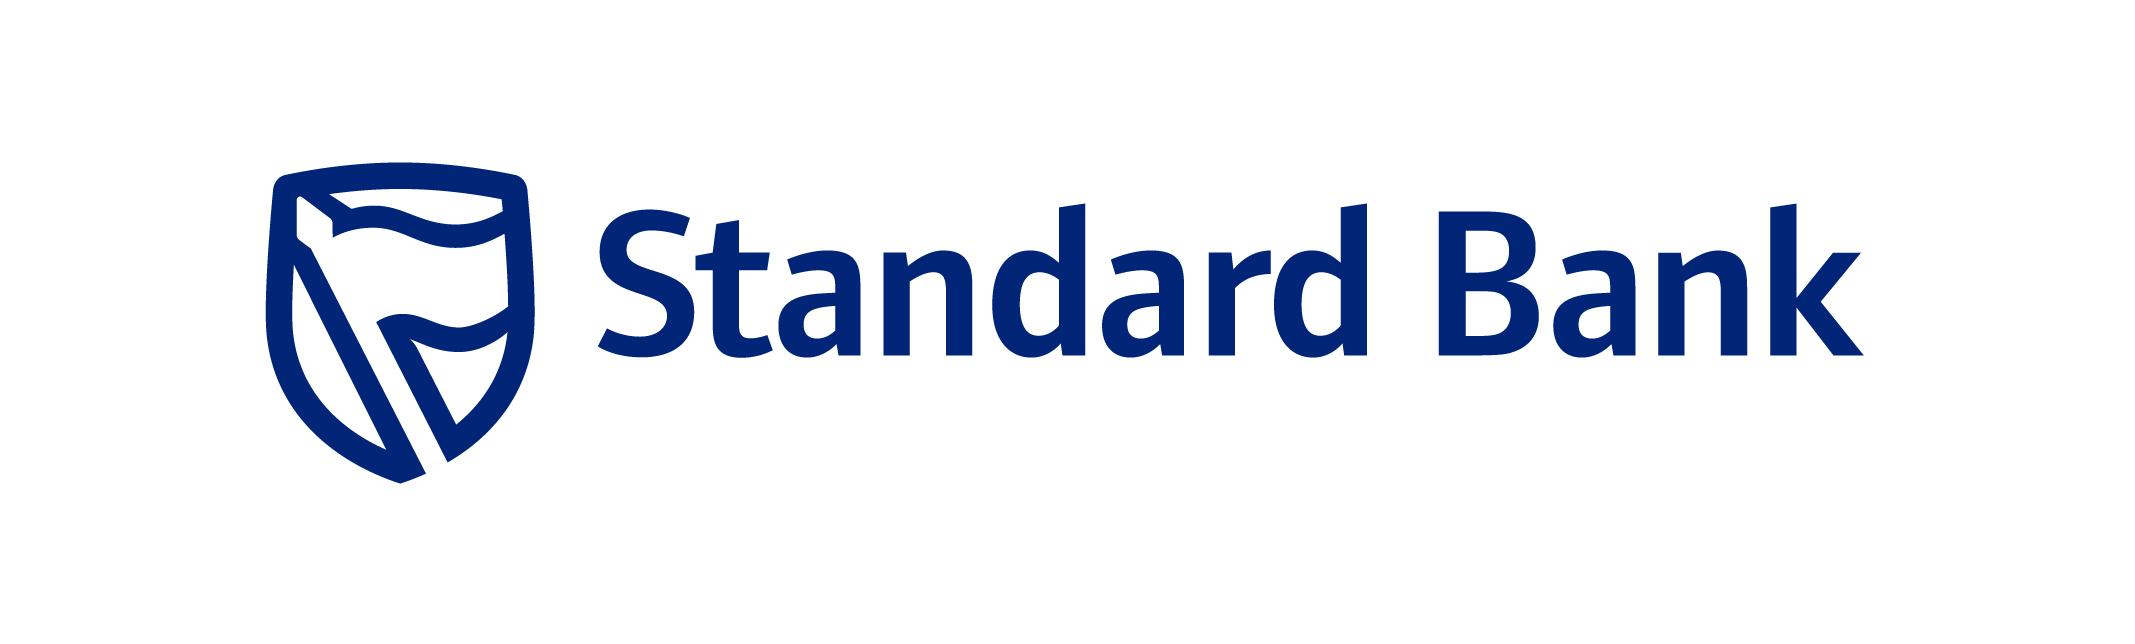 Standard Bank Group Pref SBPP Icon Logo